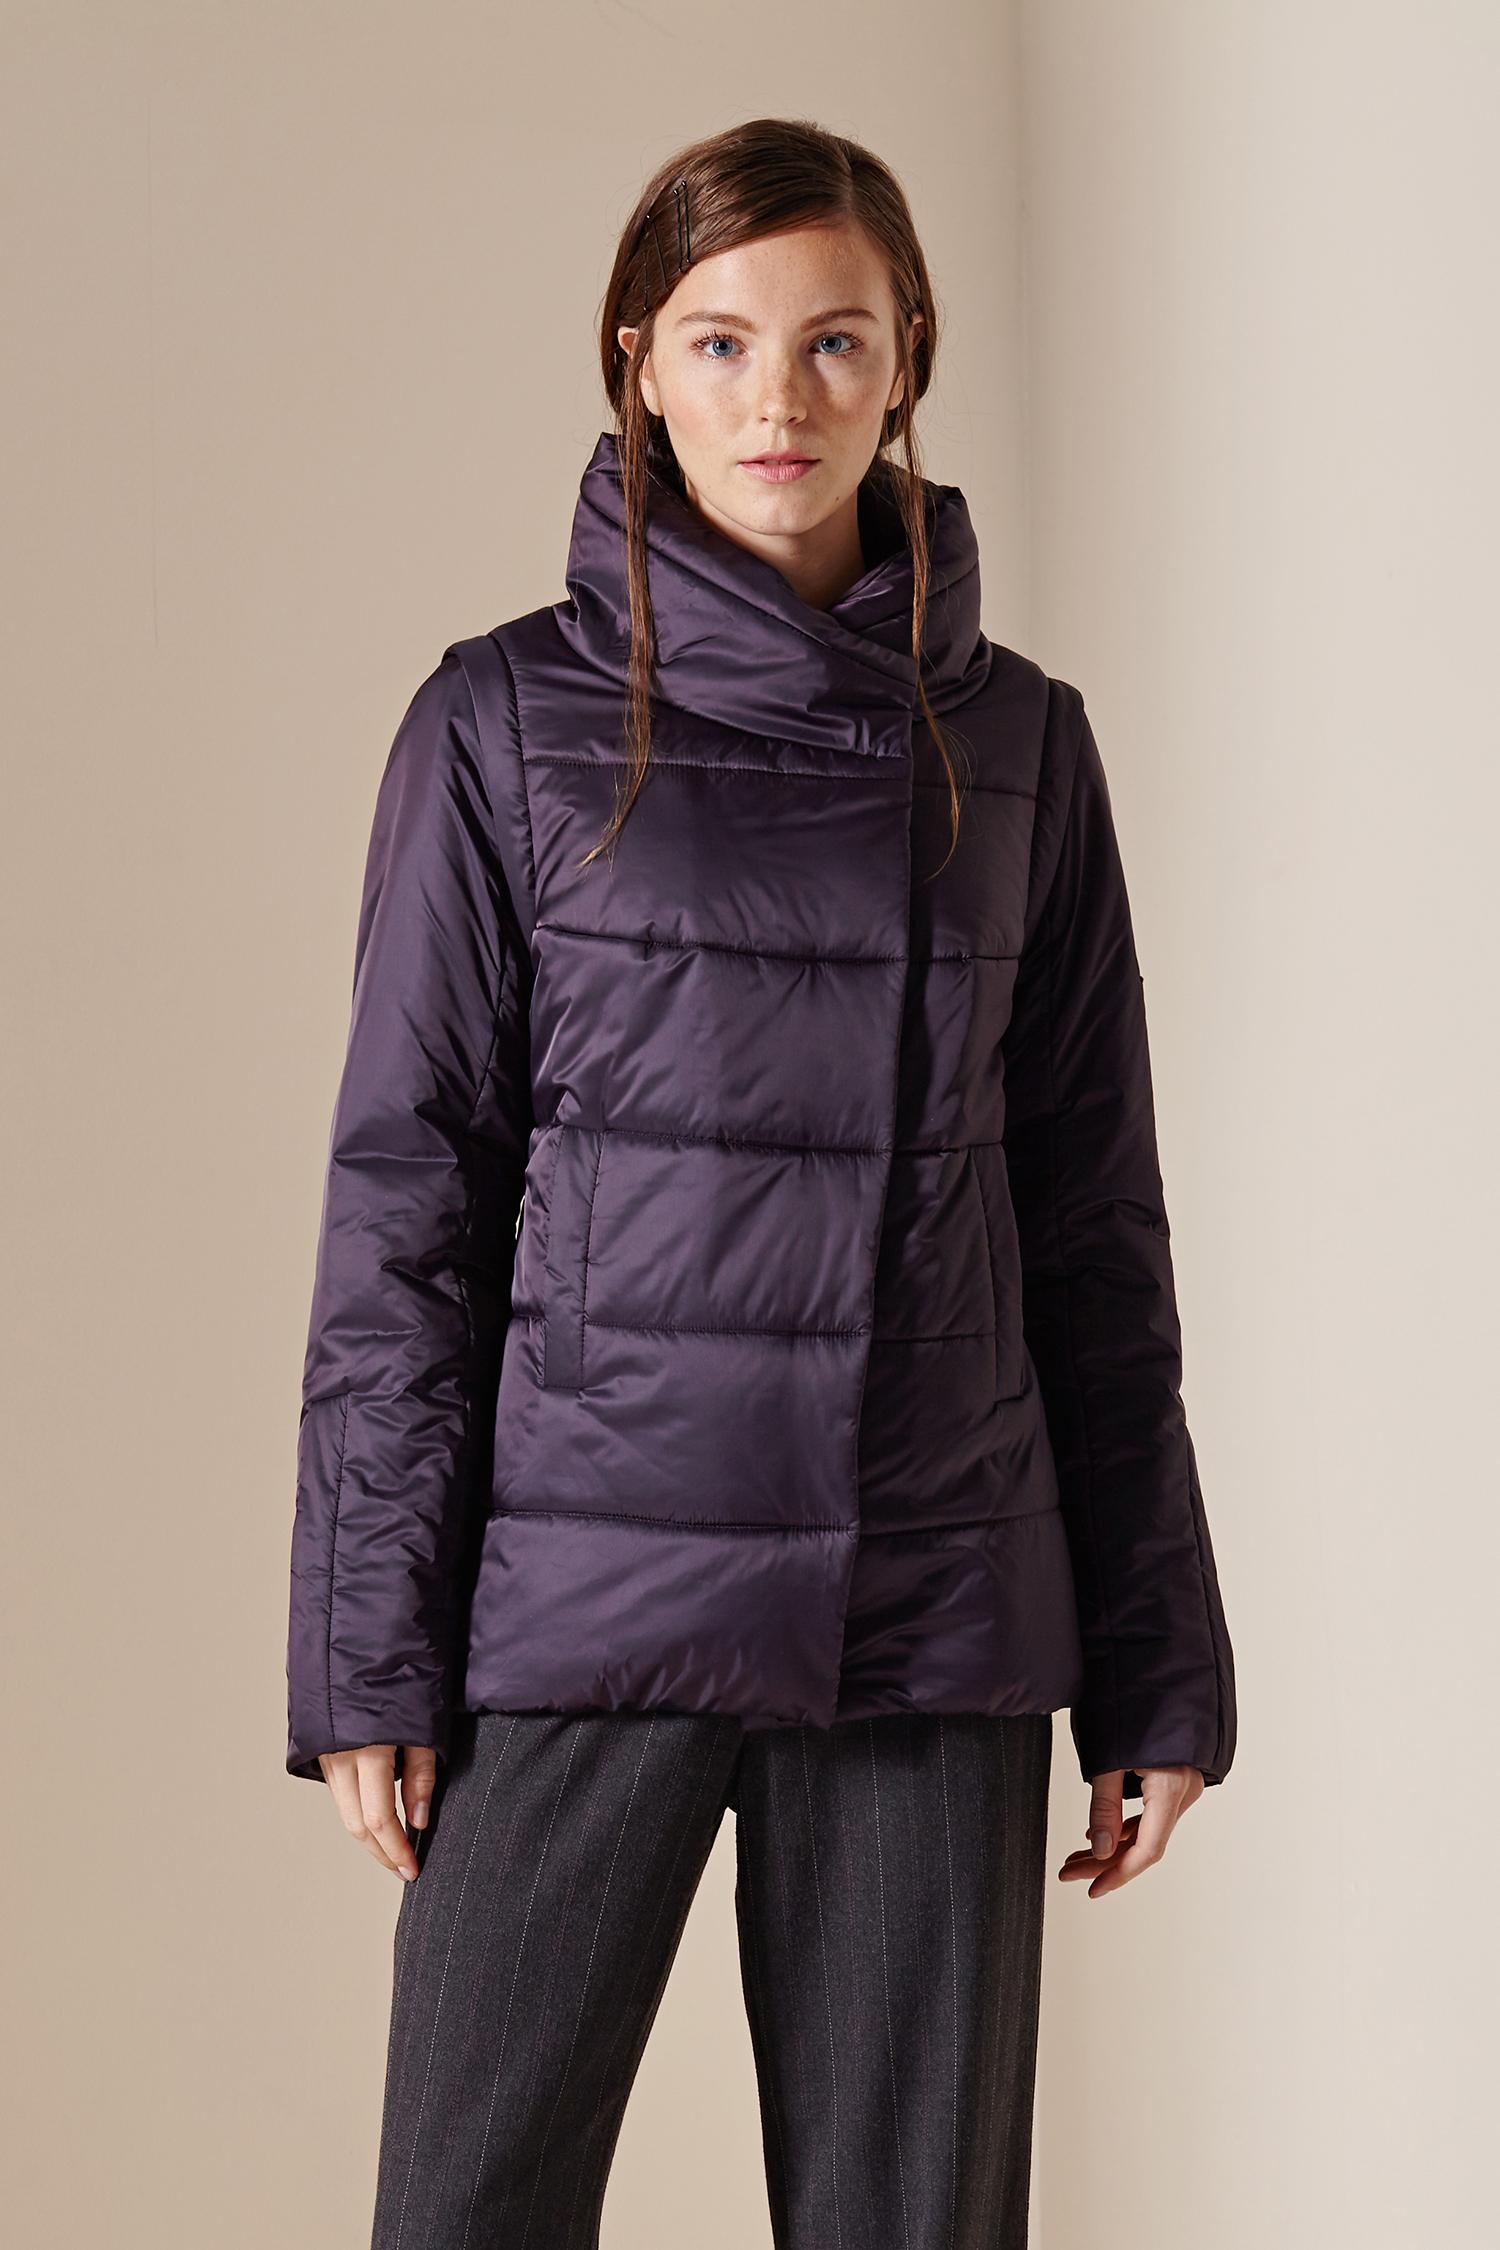 Женские куртки с мехом Самара